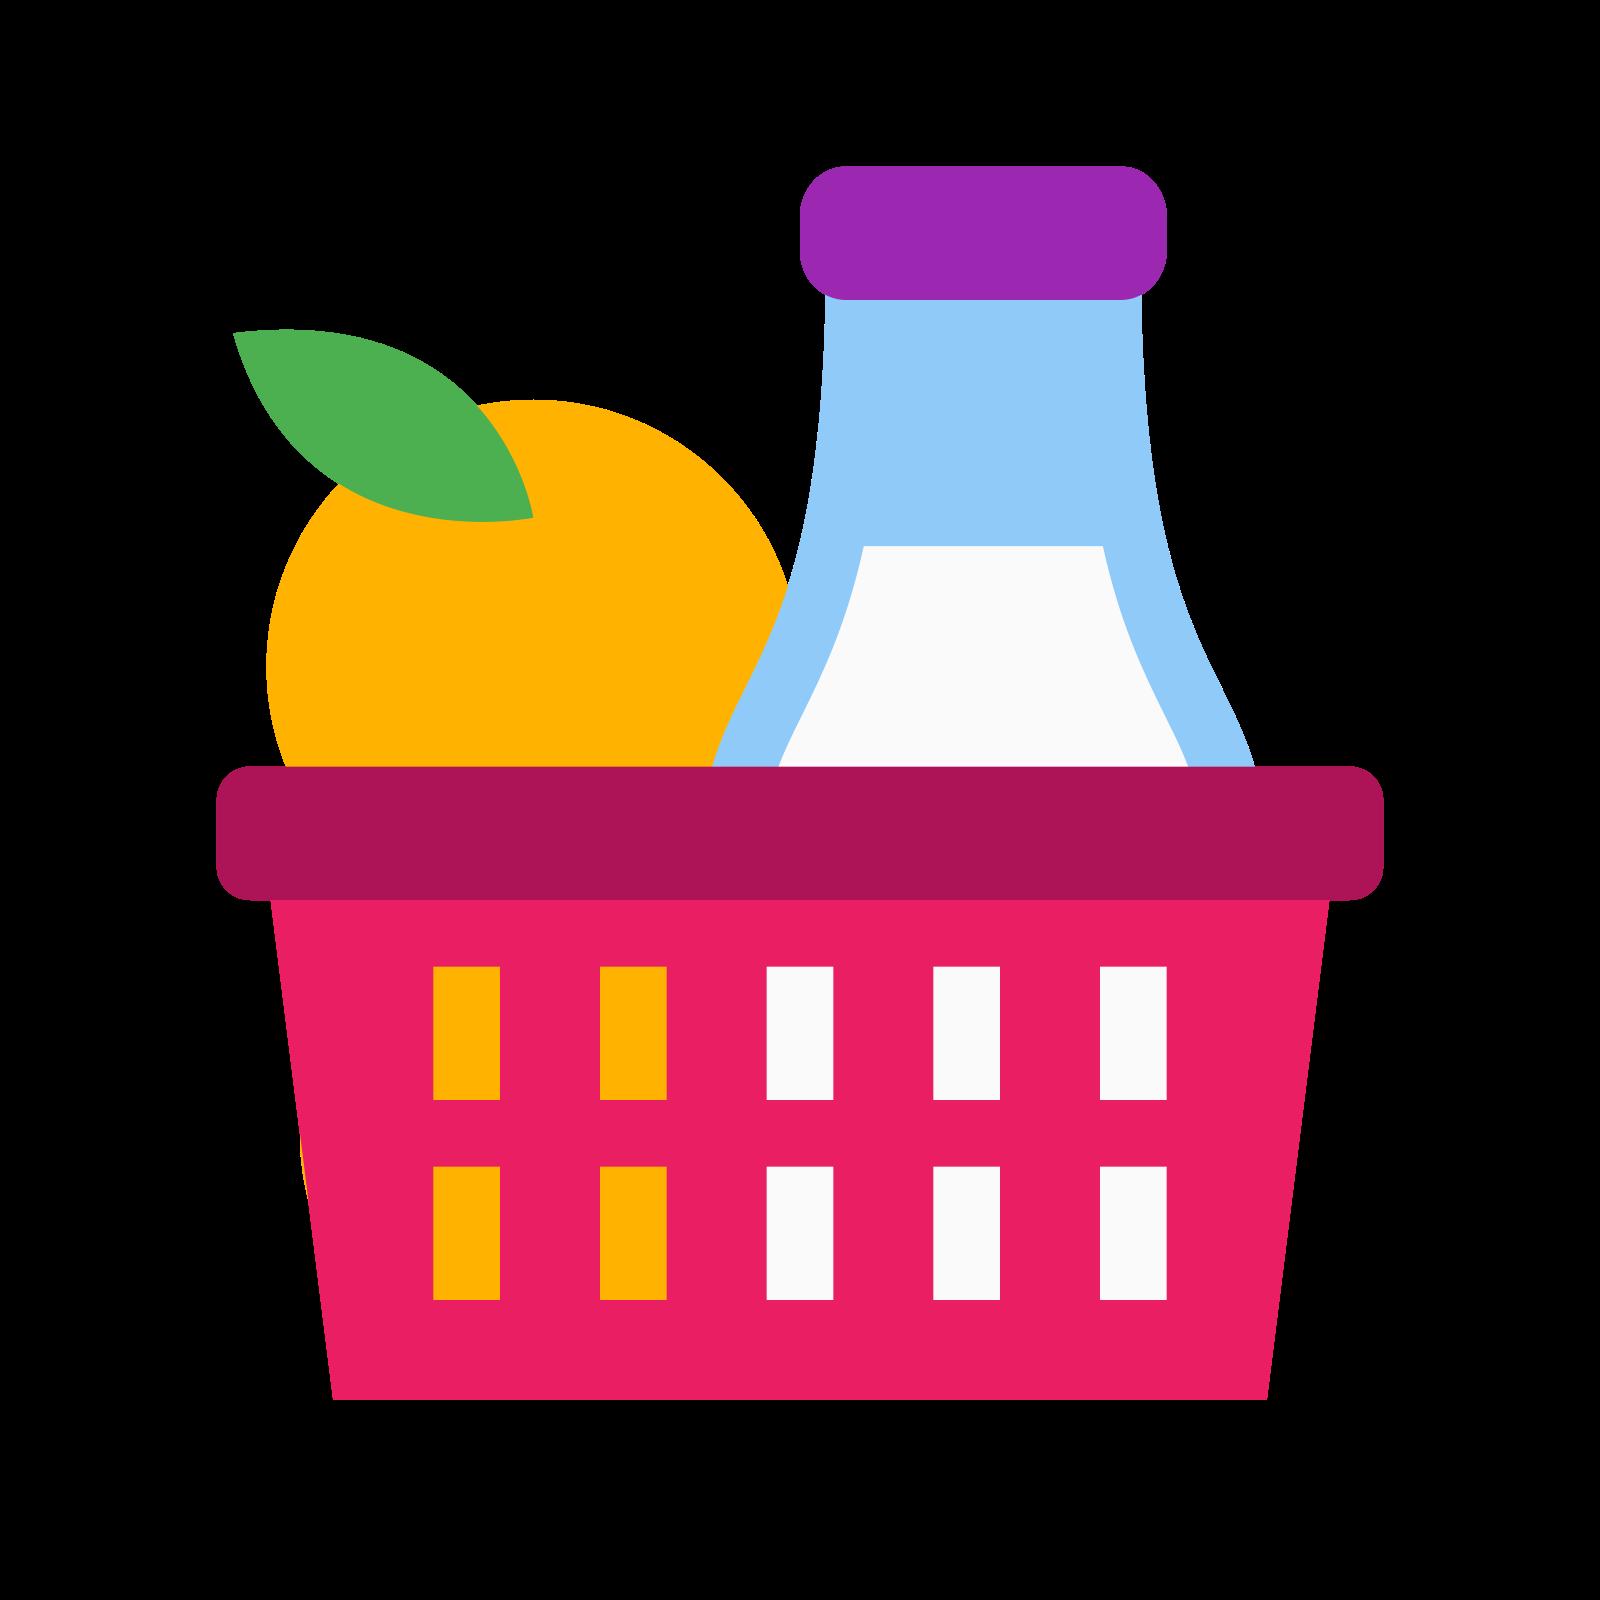 材料 icon. The logo displays a shopping basket one would use in a grocery store in lieu of a cart for carrying smaller amount of items, indicating shopping for specific ingredients. Inside the basket is a few items, one of which is a bottle as if it's displaying milk, and the other two are vague shapes.